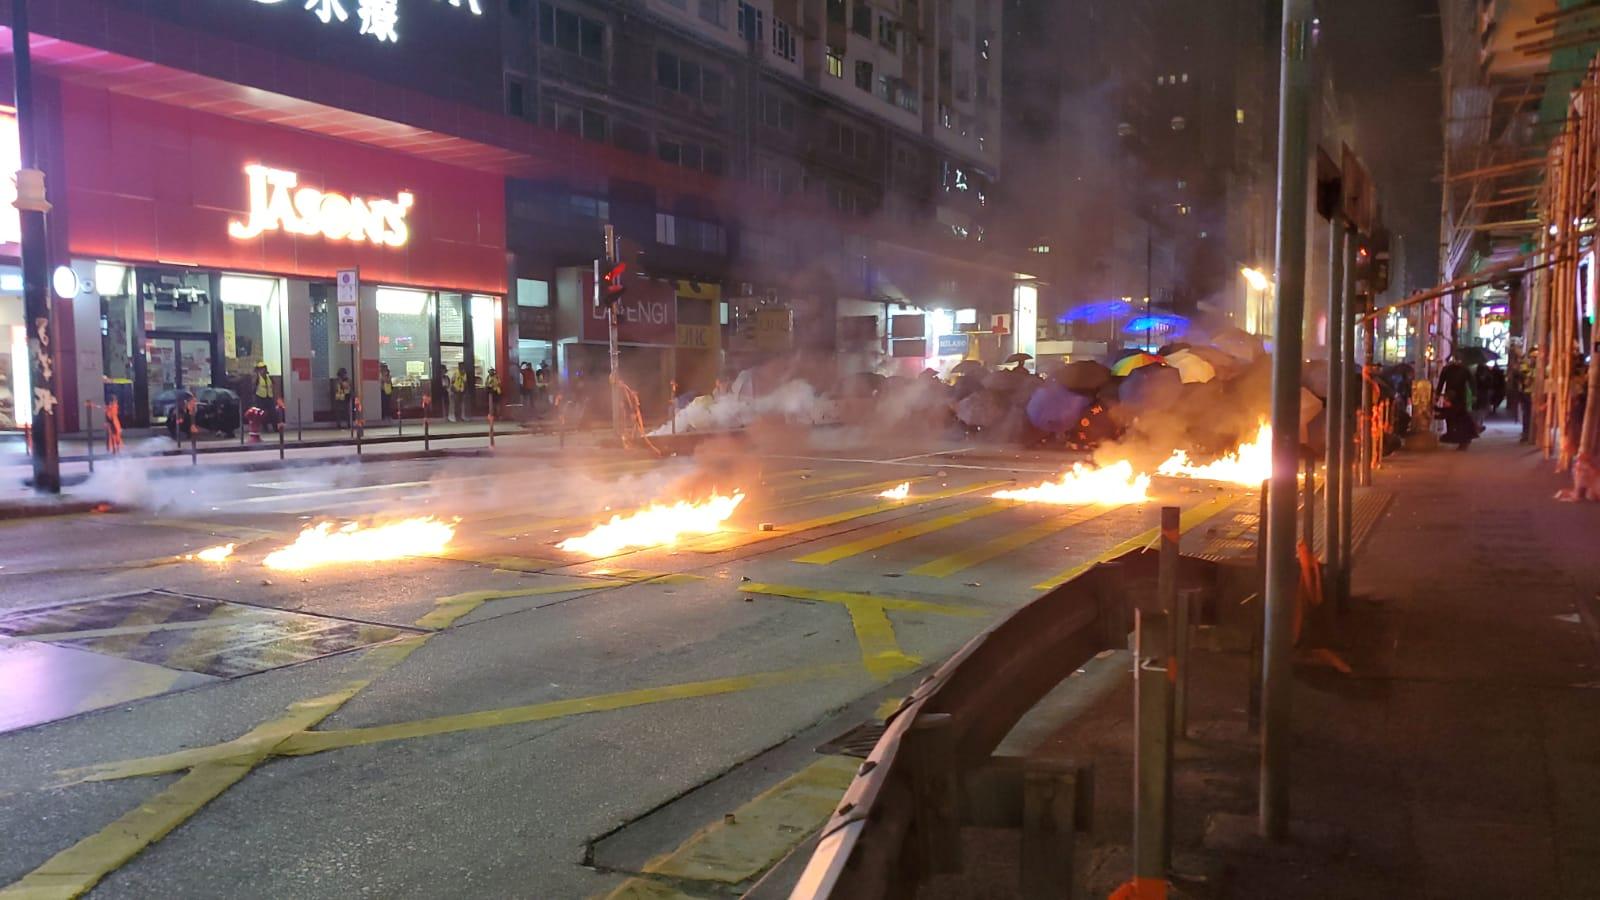 【修例風波】彌敦道爆衝突 警射布袋彈及橡膠子彈